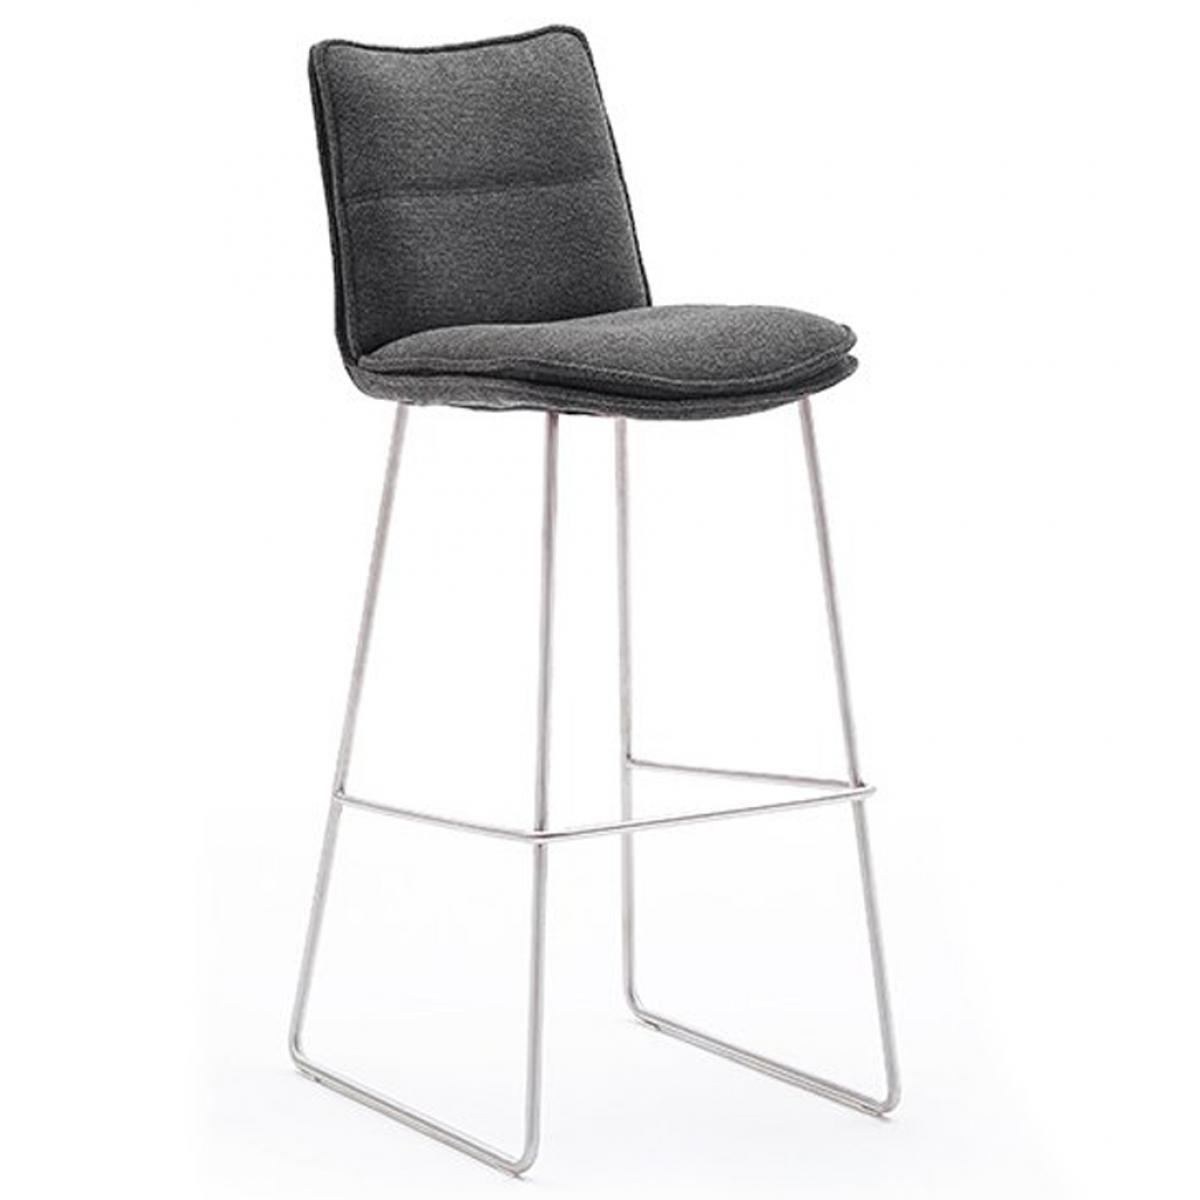 Pegane Chaise de bar en acier et tissu coloris anthracite - L.45 x H.110 x P.54 cm -PEGANE-